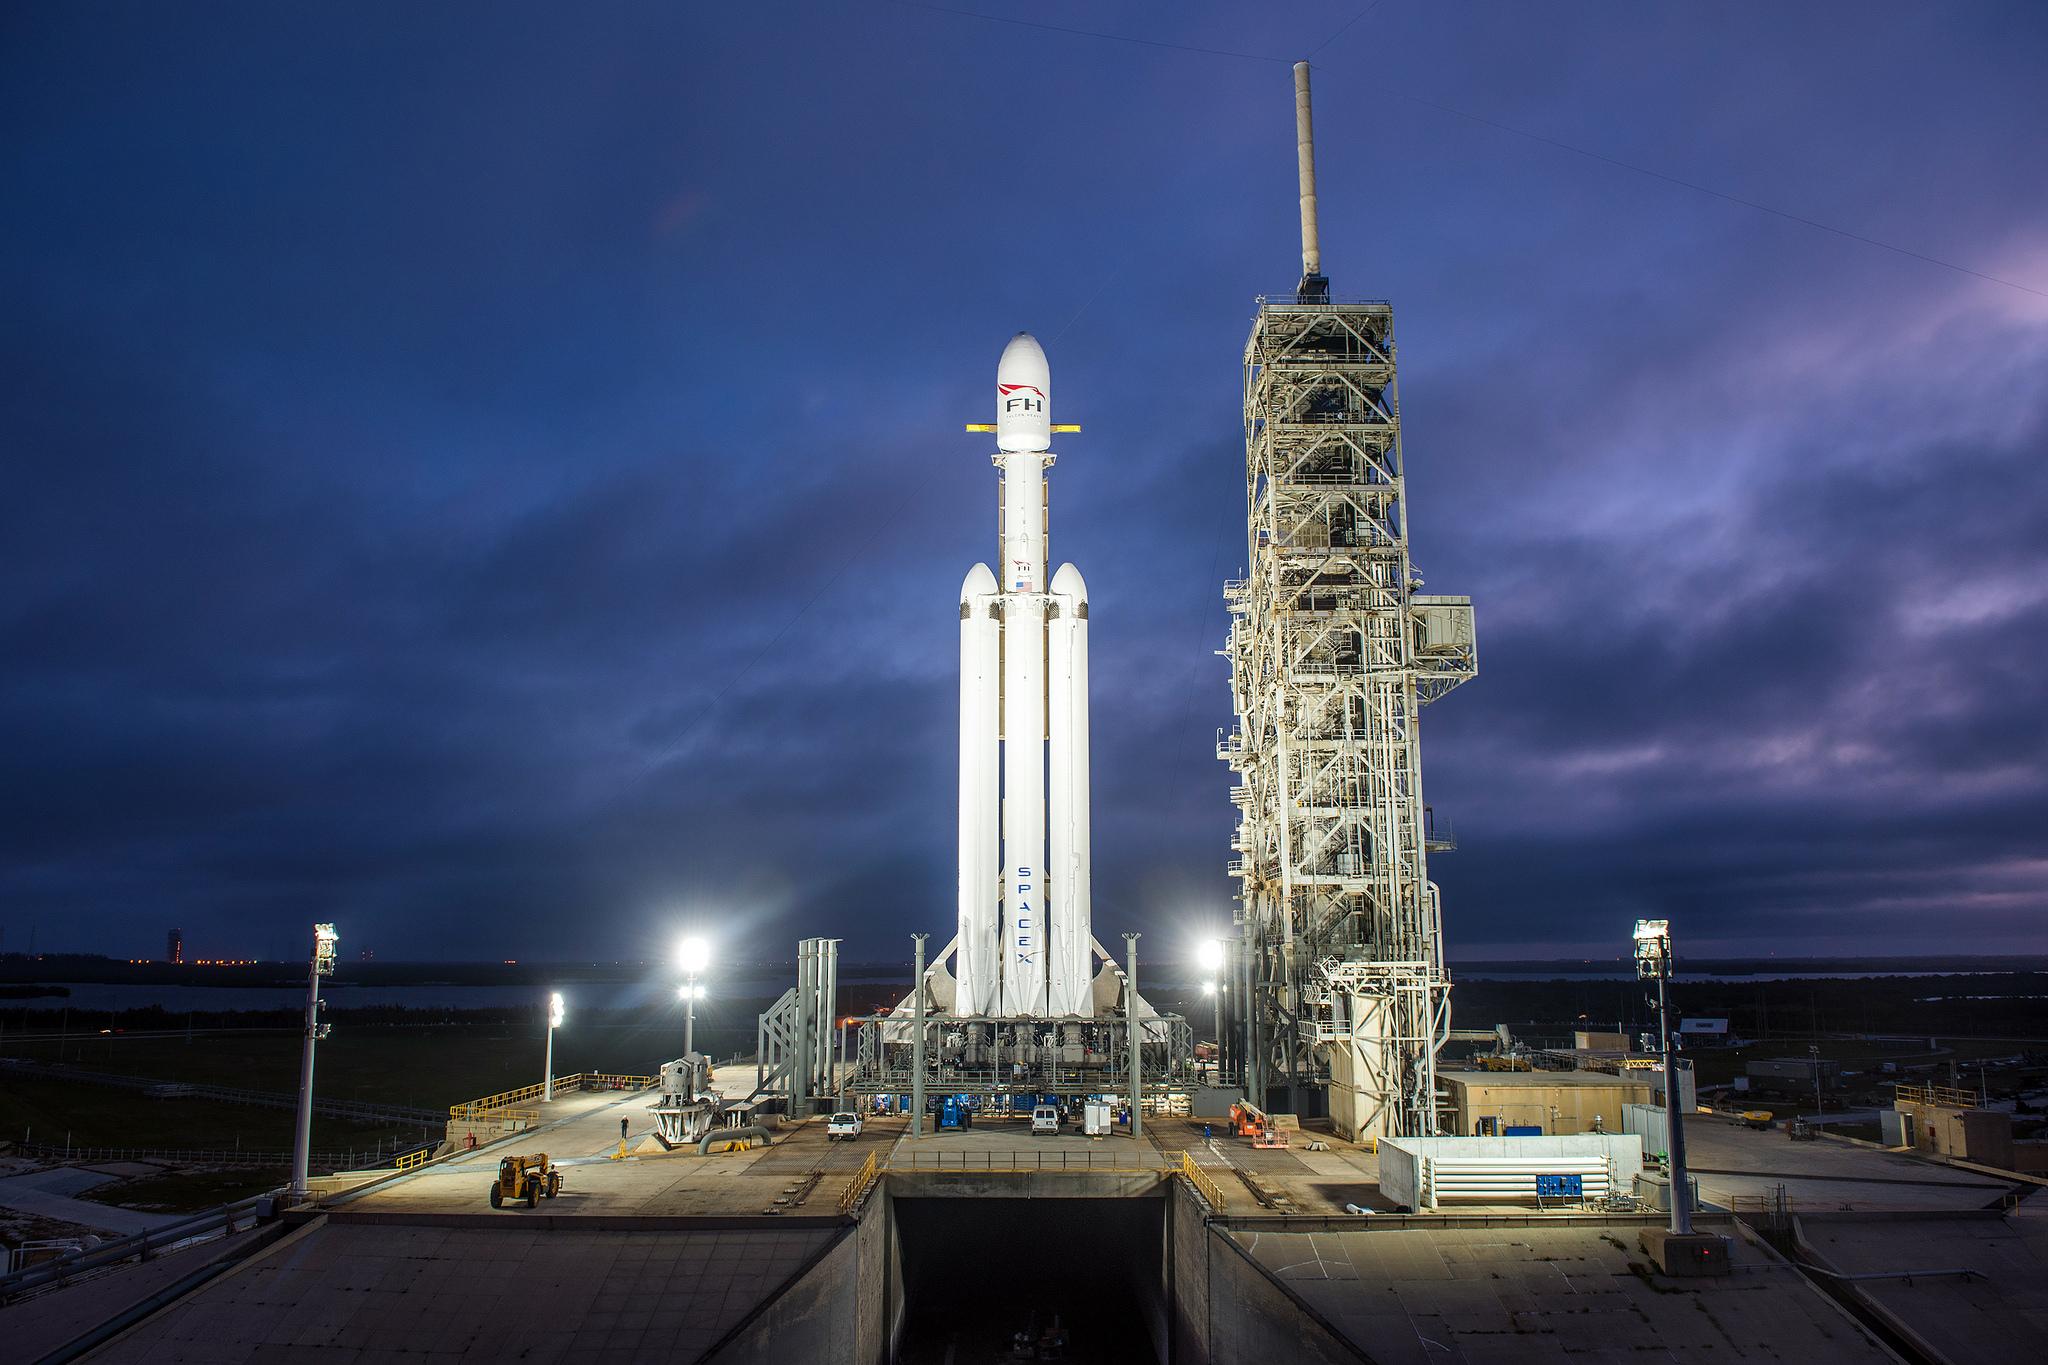 Sigue en directo cómo SpaceX envía un Tesla Roadster al espacio